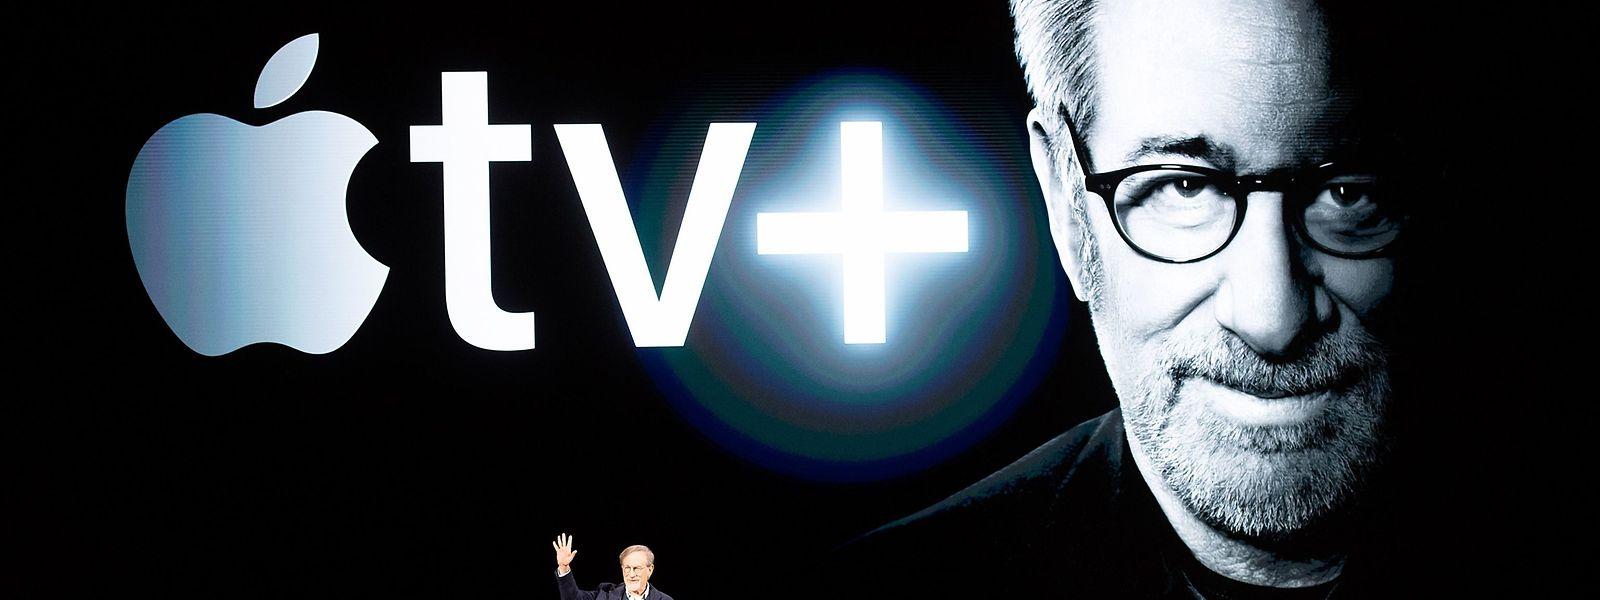 Le réalisateur Steven Spielberg a participé à la présentation des nouveaux produits d'Apple, lundi en Californie.